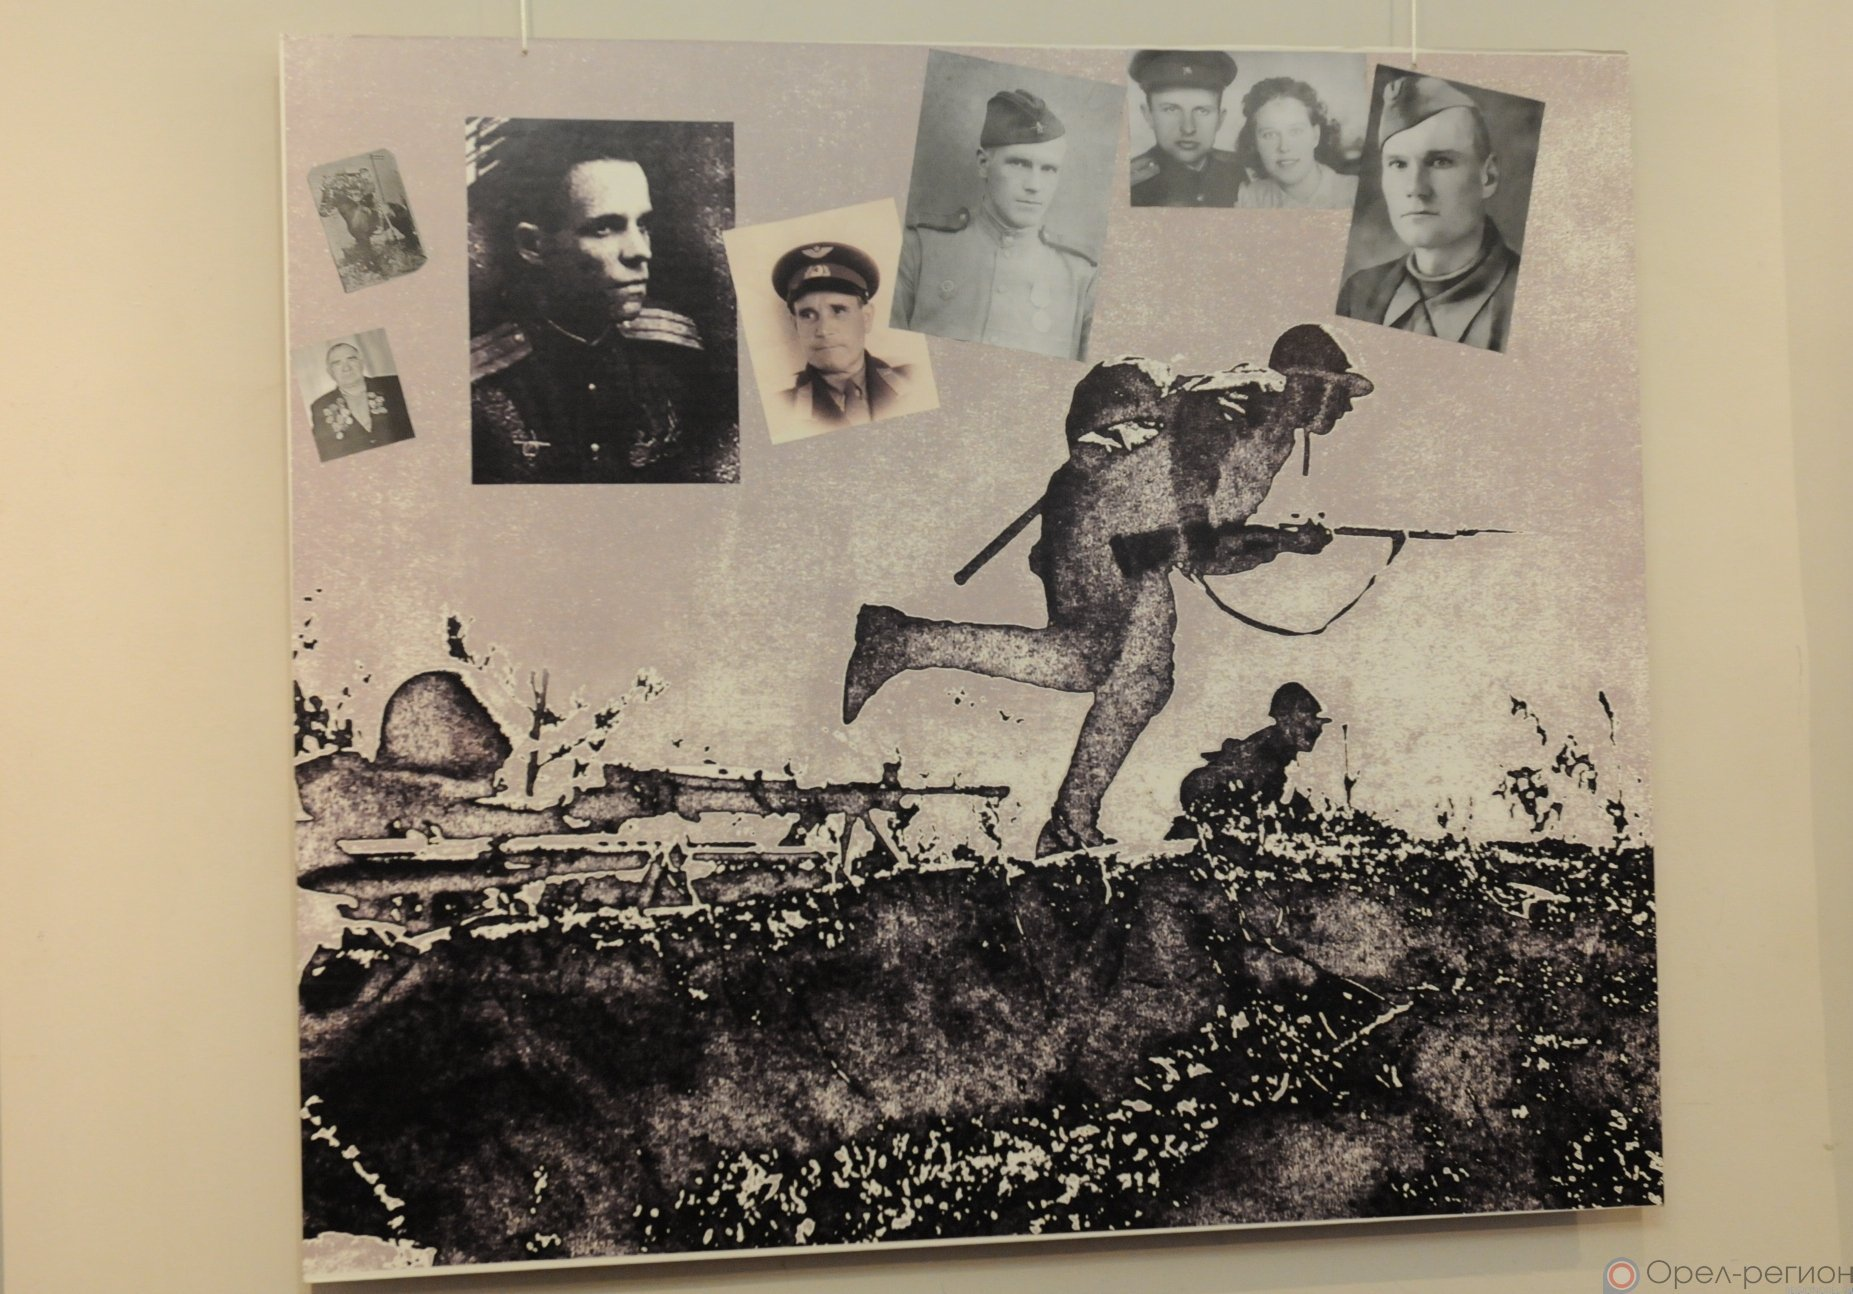 Тема подвига защитников Отечества по-прежнему остаётся главной в творчестве заслуженного художника России Анатолия Костяникова